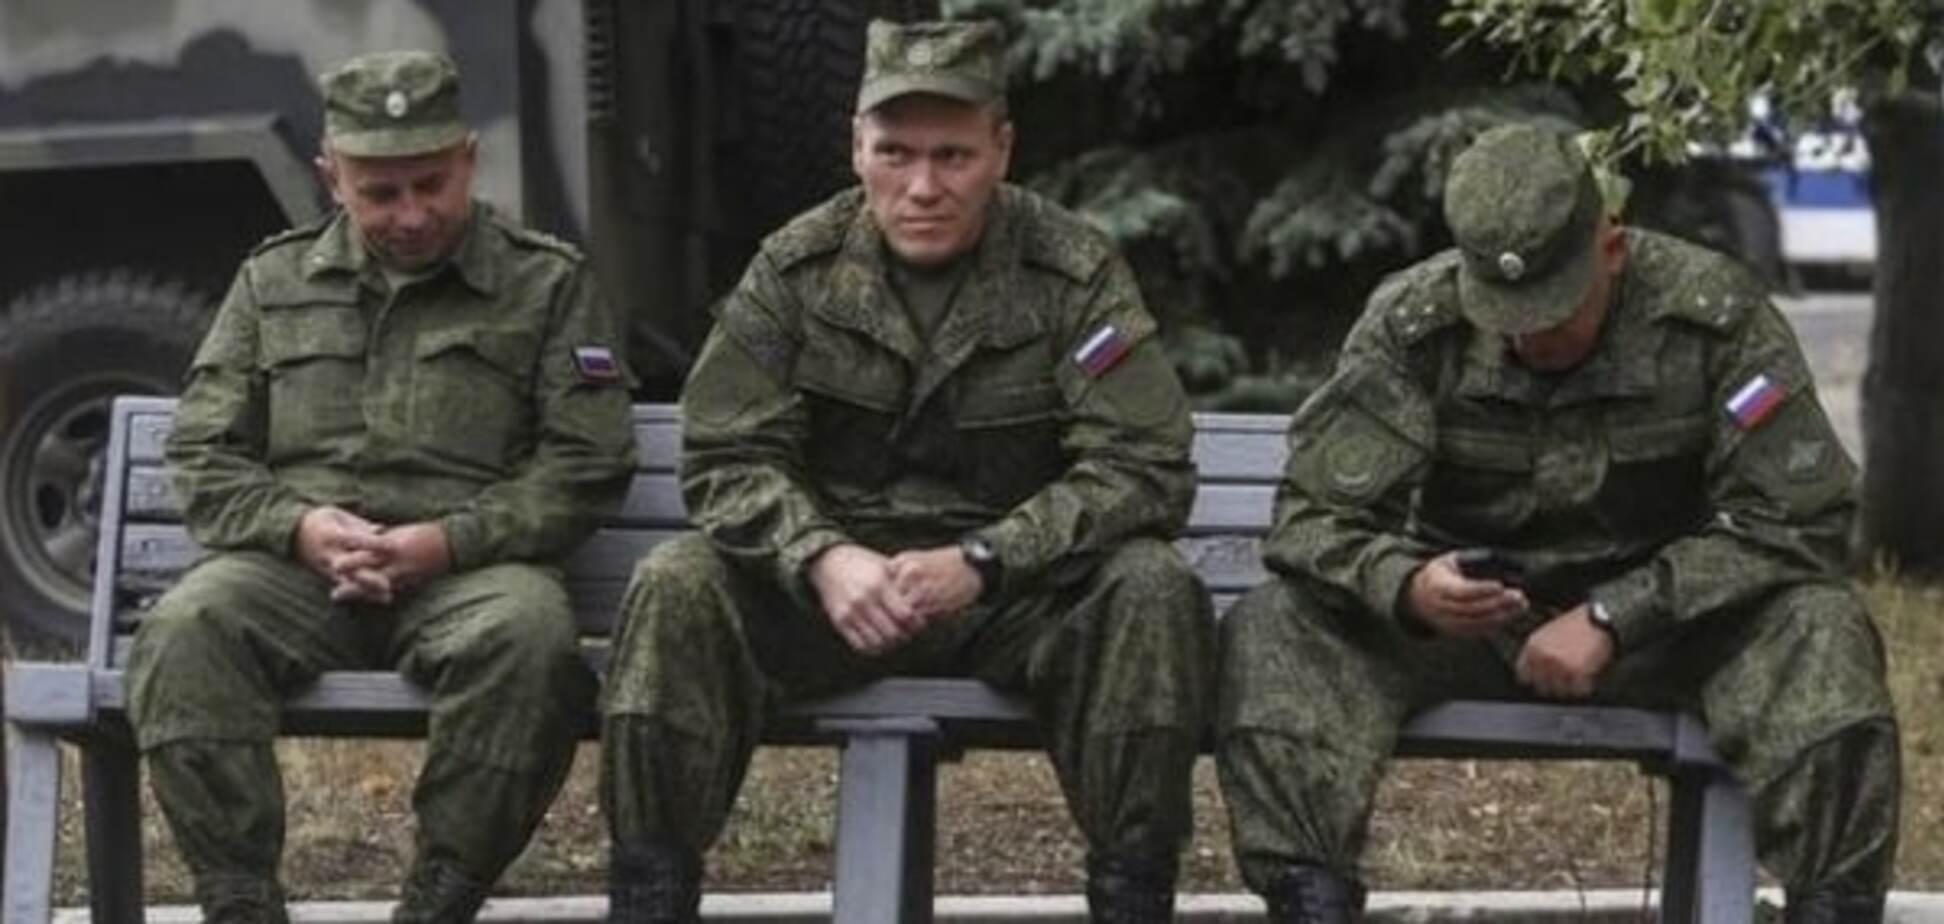 Ціла схема: російські офіцери крадуть паливо у терористів Донбасу - розвідка